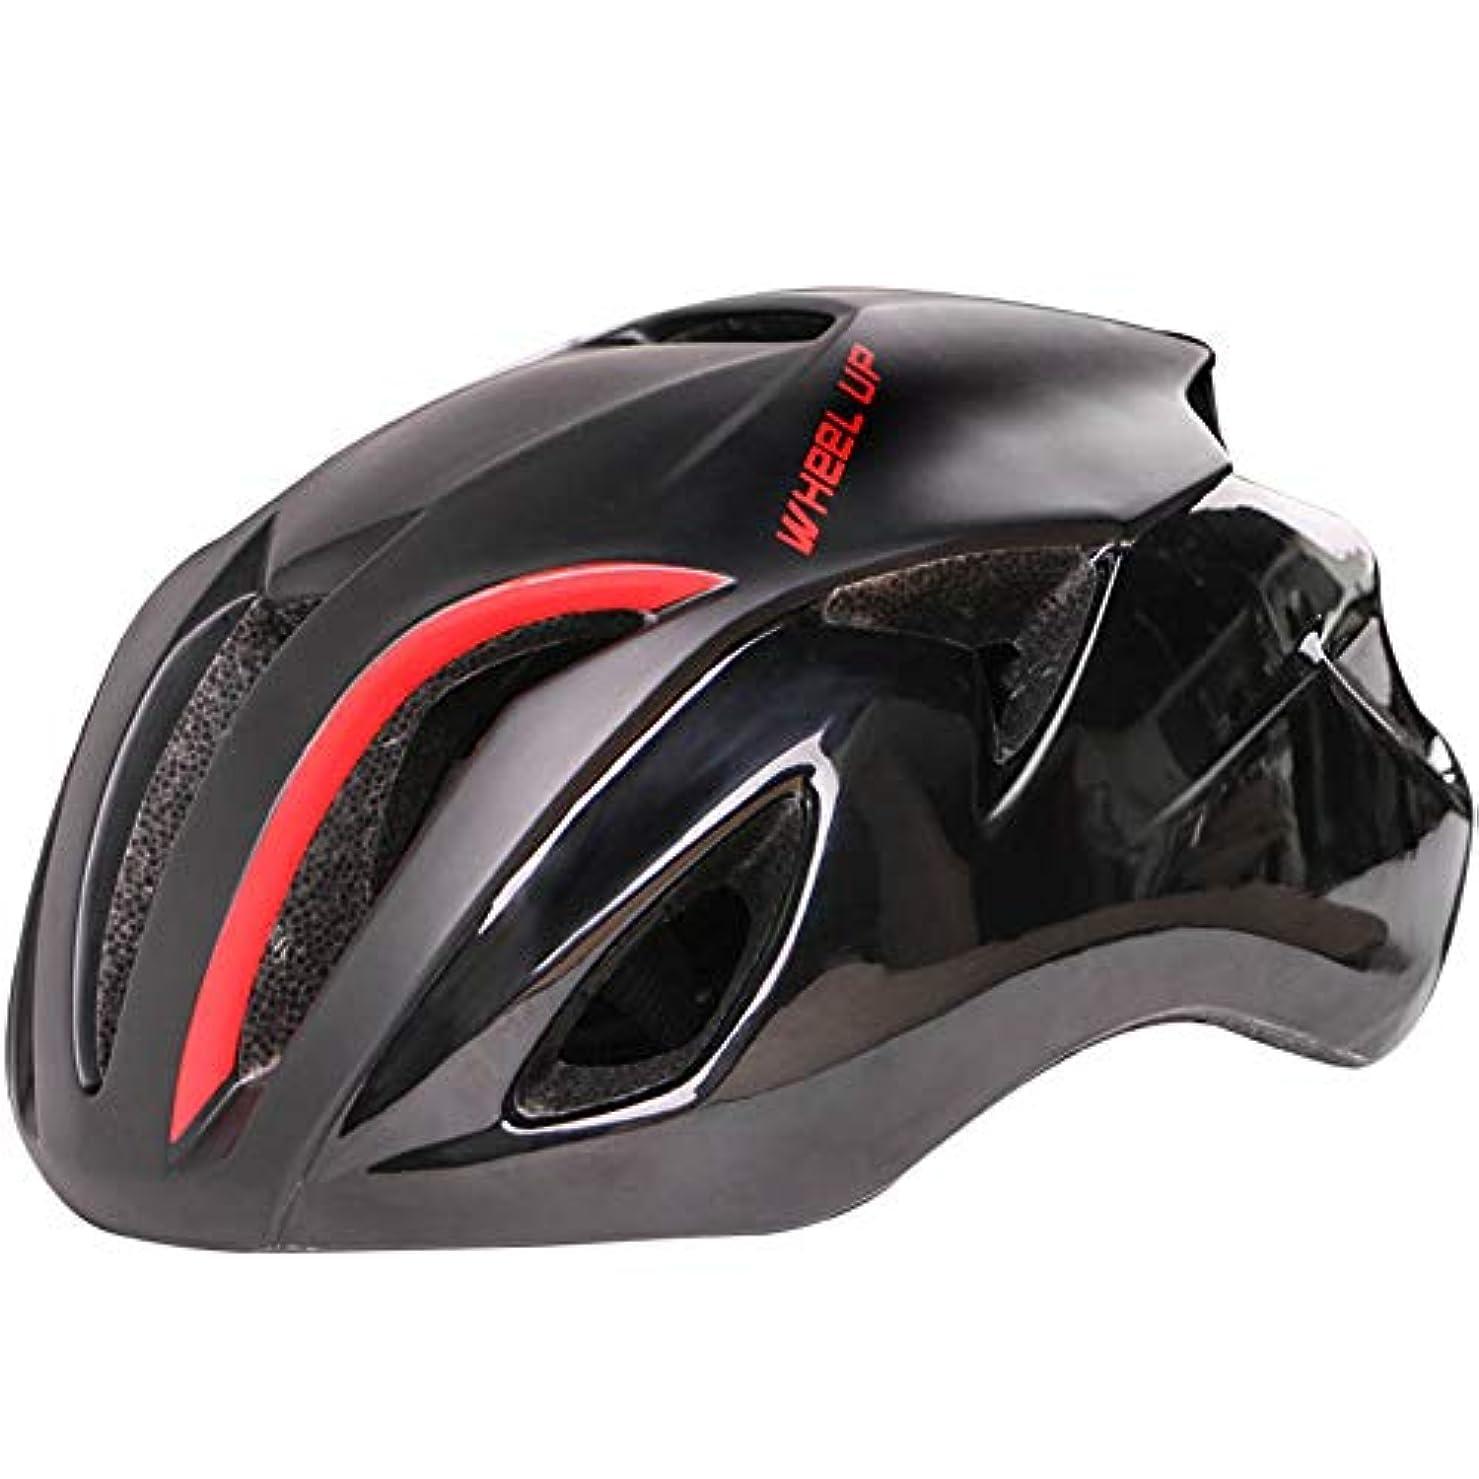 灰法律飛躍サイクリングヘルメット、男性と女性のためのワンピース軽量空気自転車ヘルメット、 マウンテン/ロード/ローラースケートなどに適したマウンテンバイク用ヘルメット乗馬用品